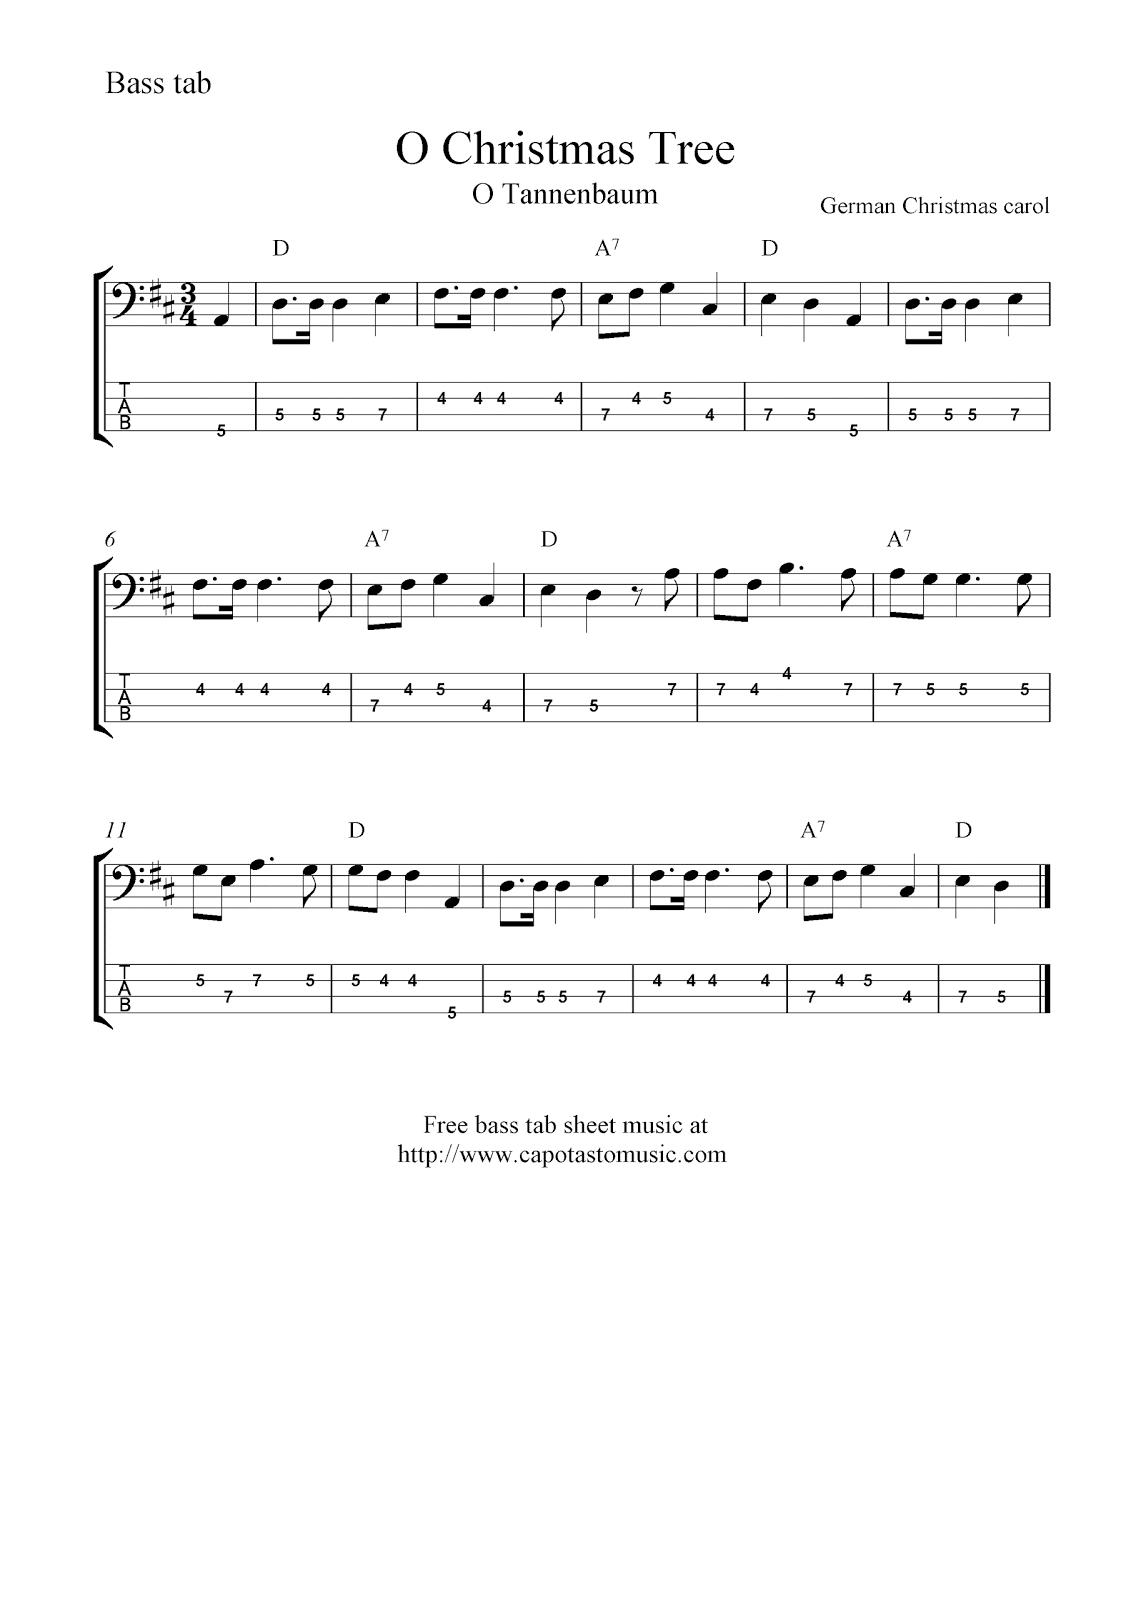 O Christmas Tree (O Tannenbaum), free Christmas bass tab sheet music ...